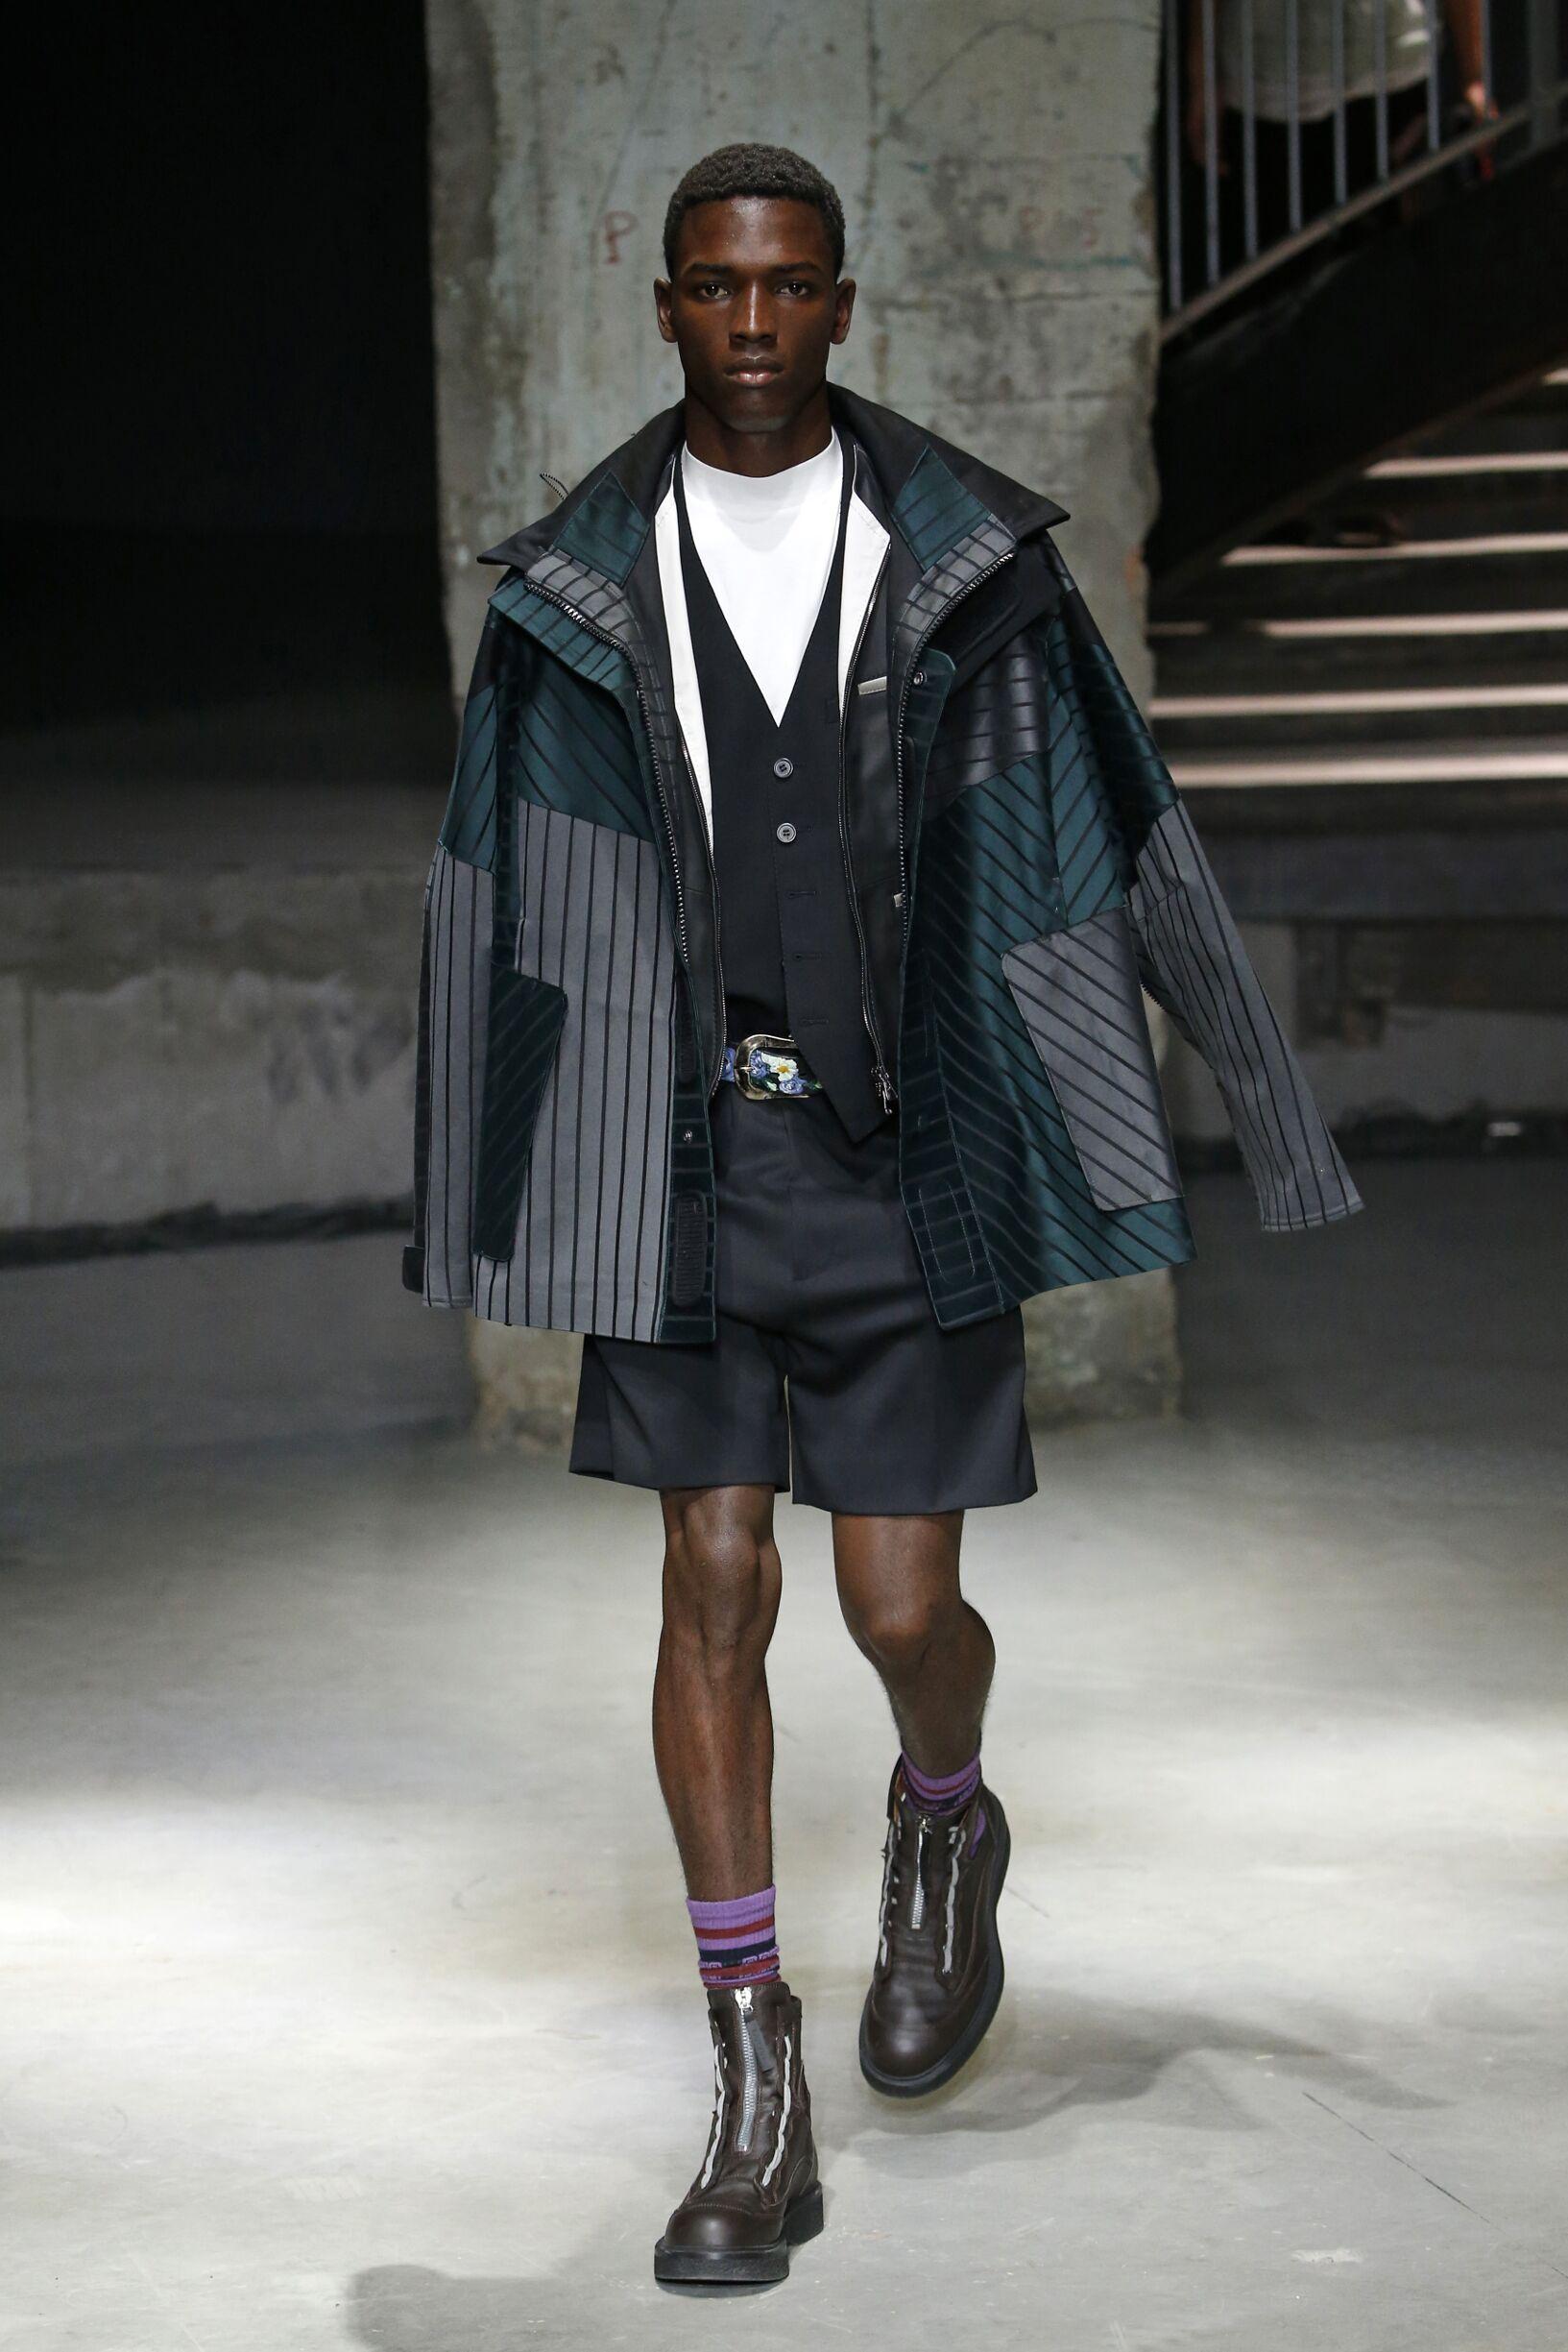 Summer 2019 Man Trends Lanvin